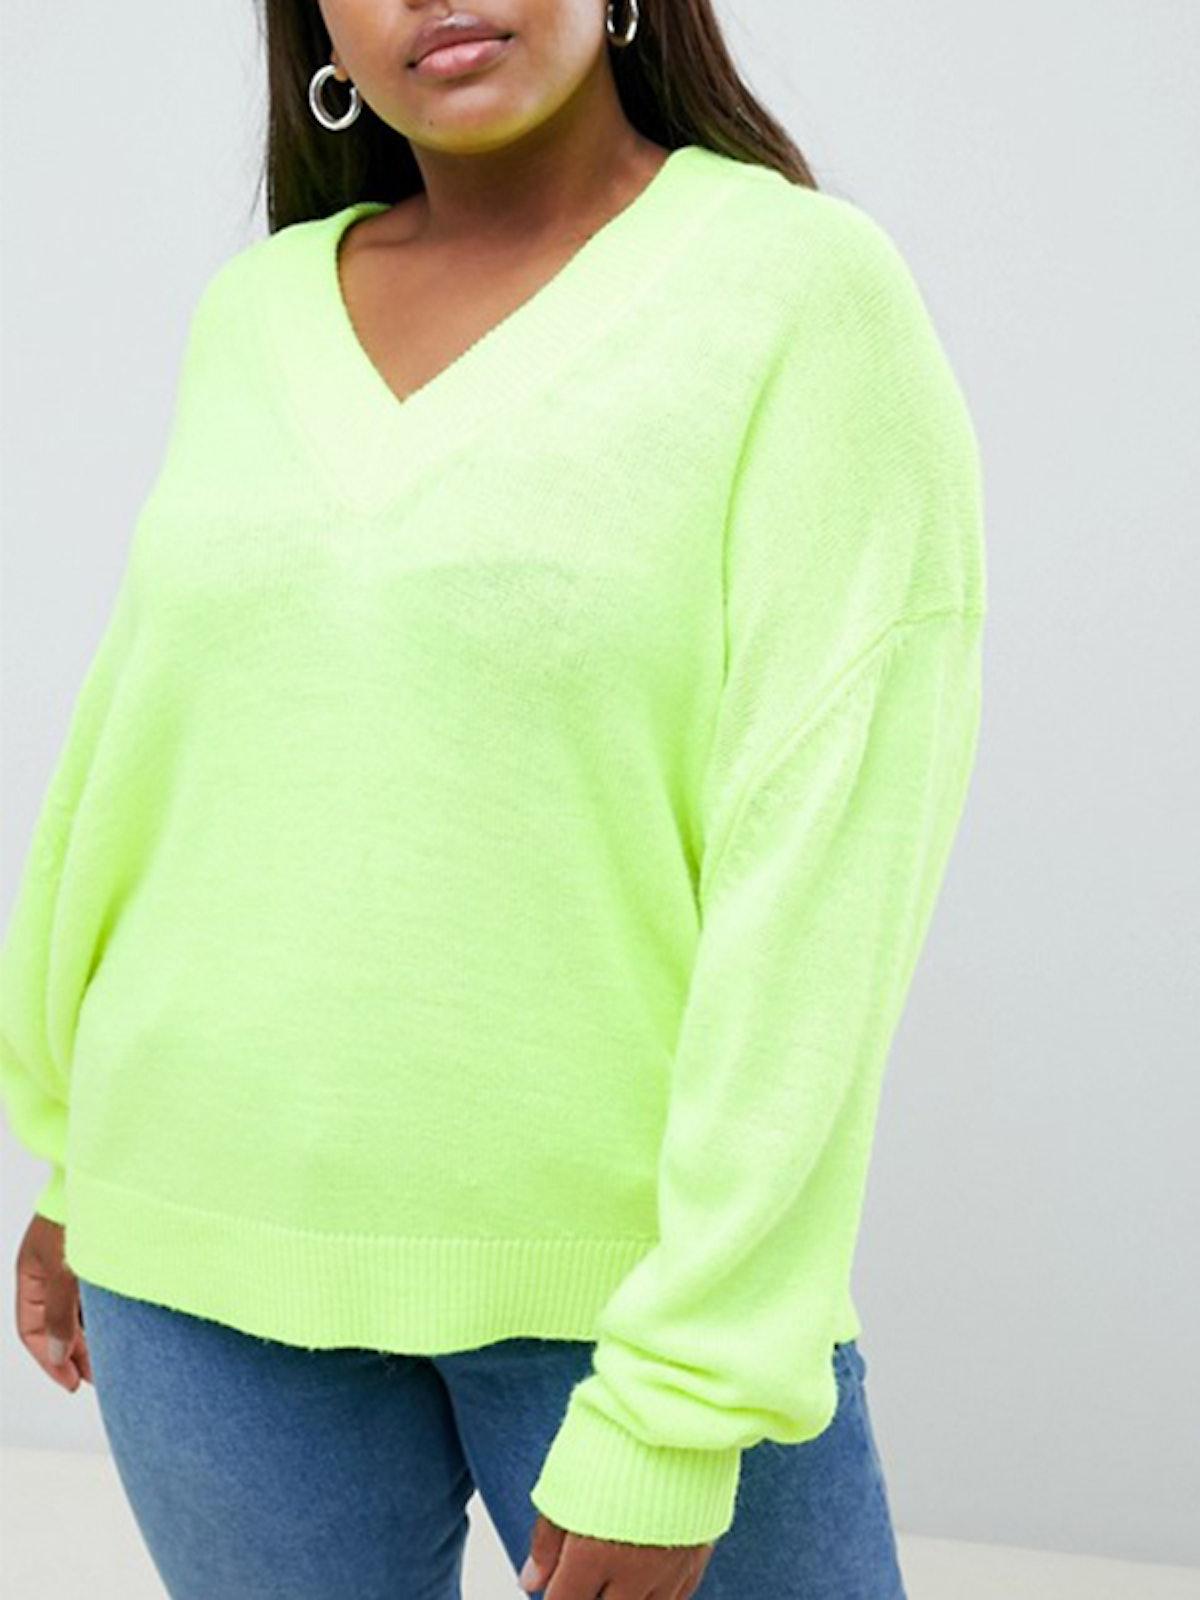 Oversized Fluro V-Neck Sweater